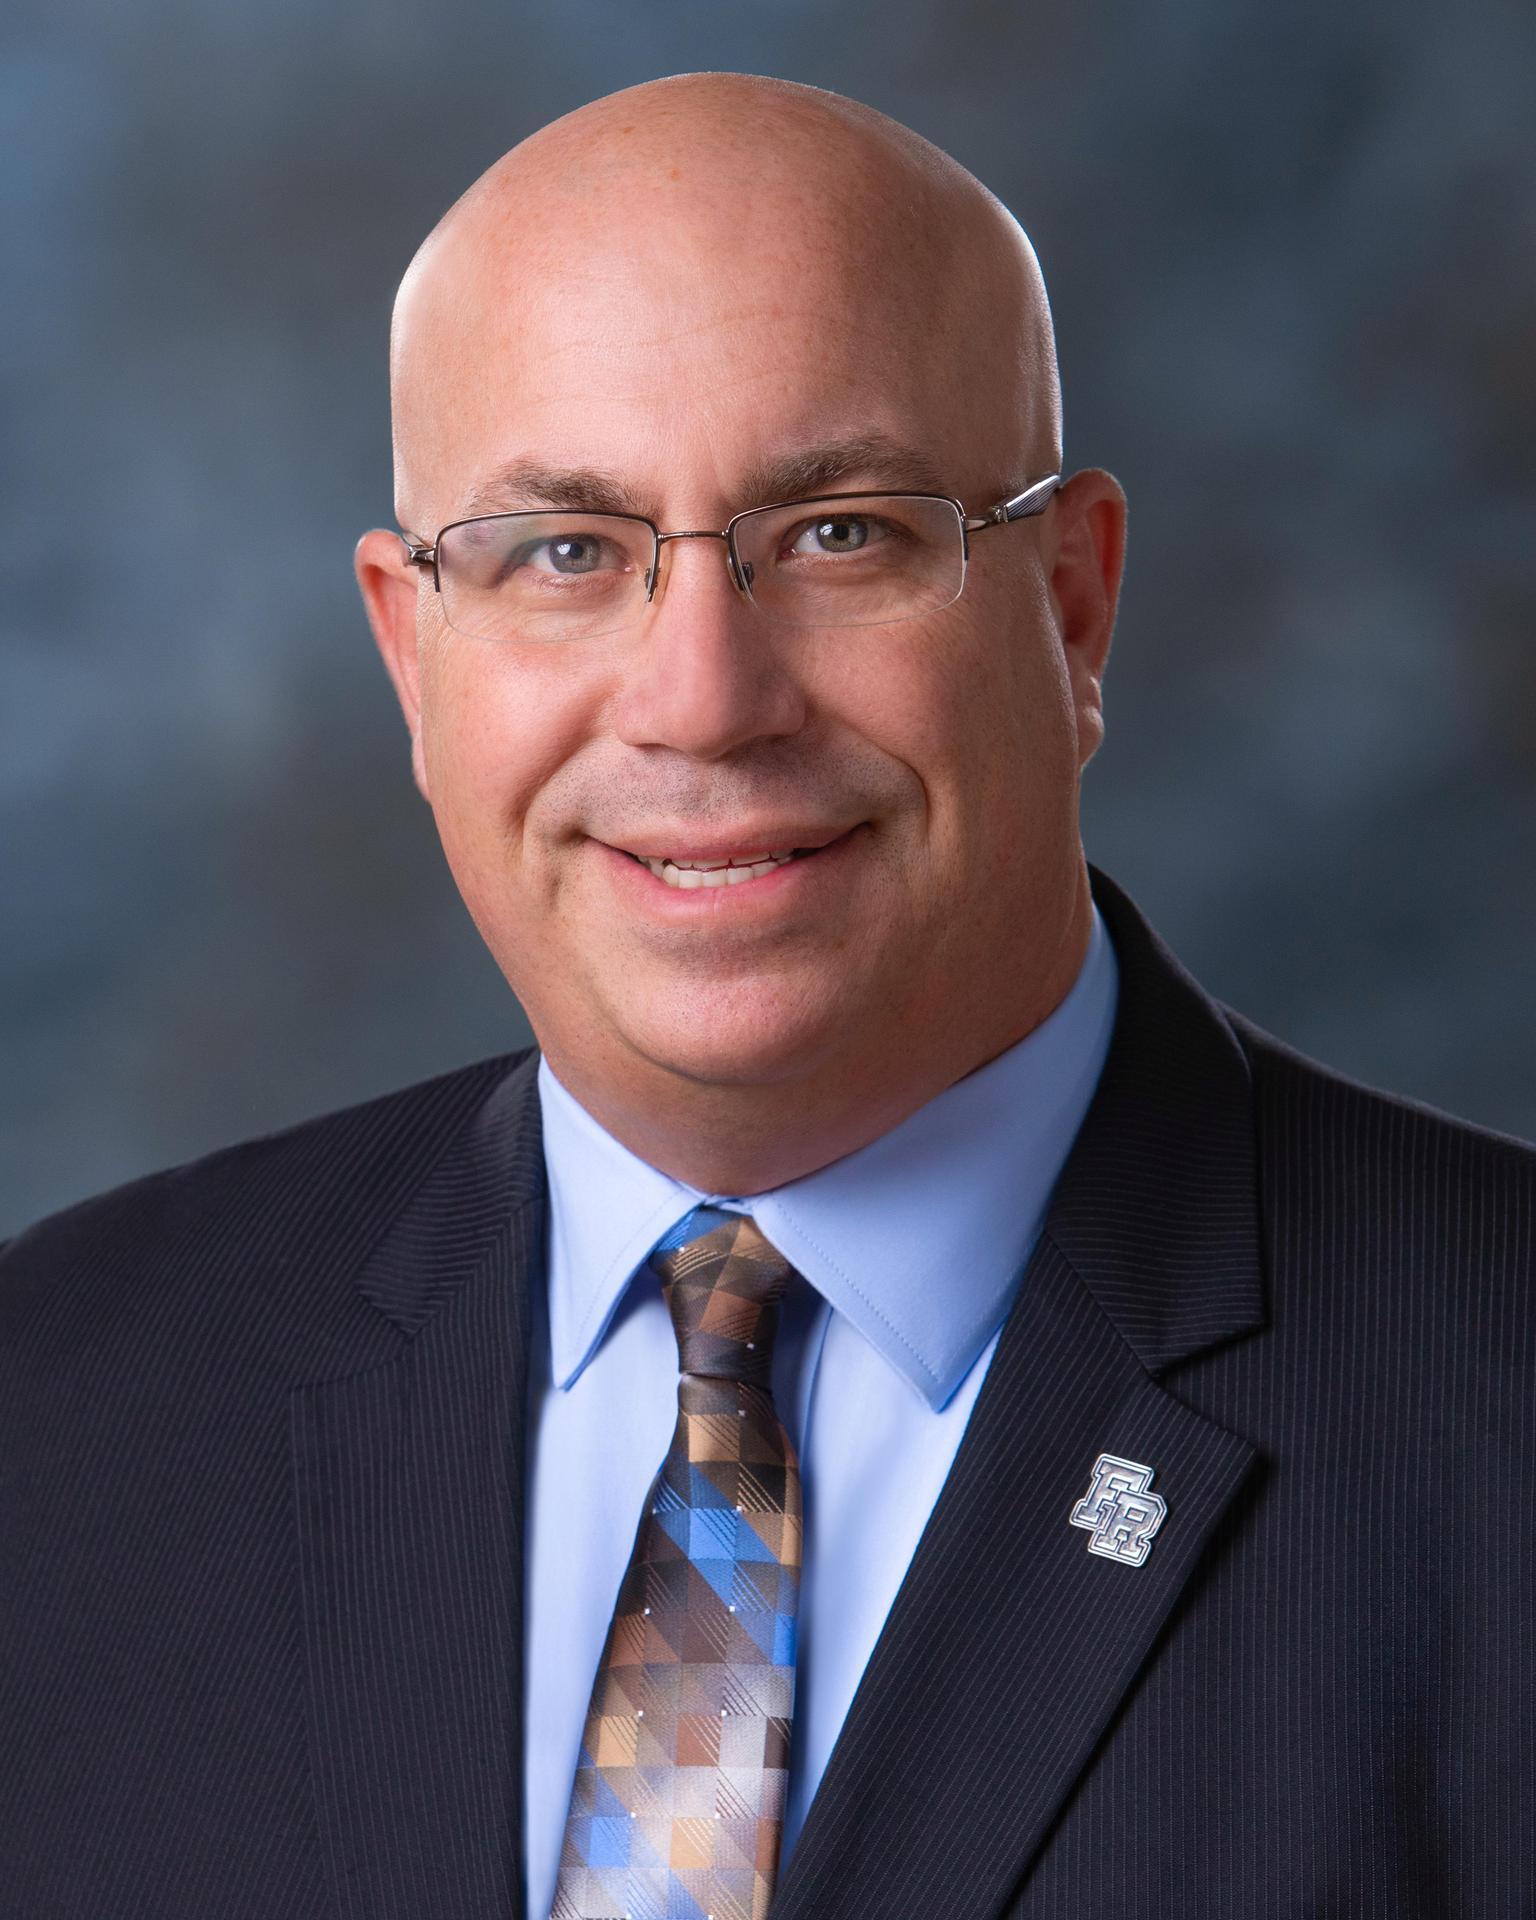 Dr. Gennaro Piraino